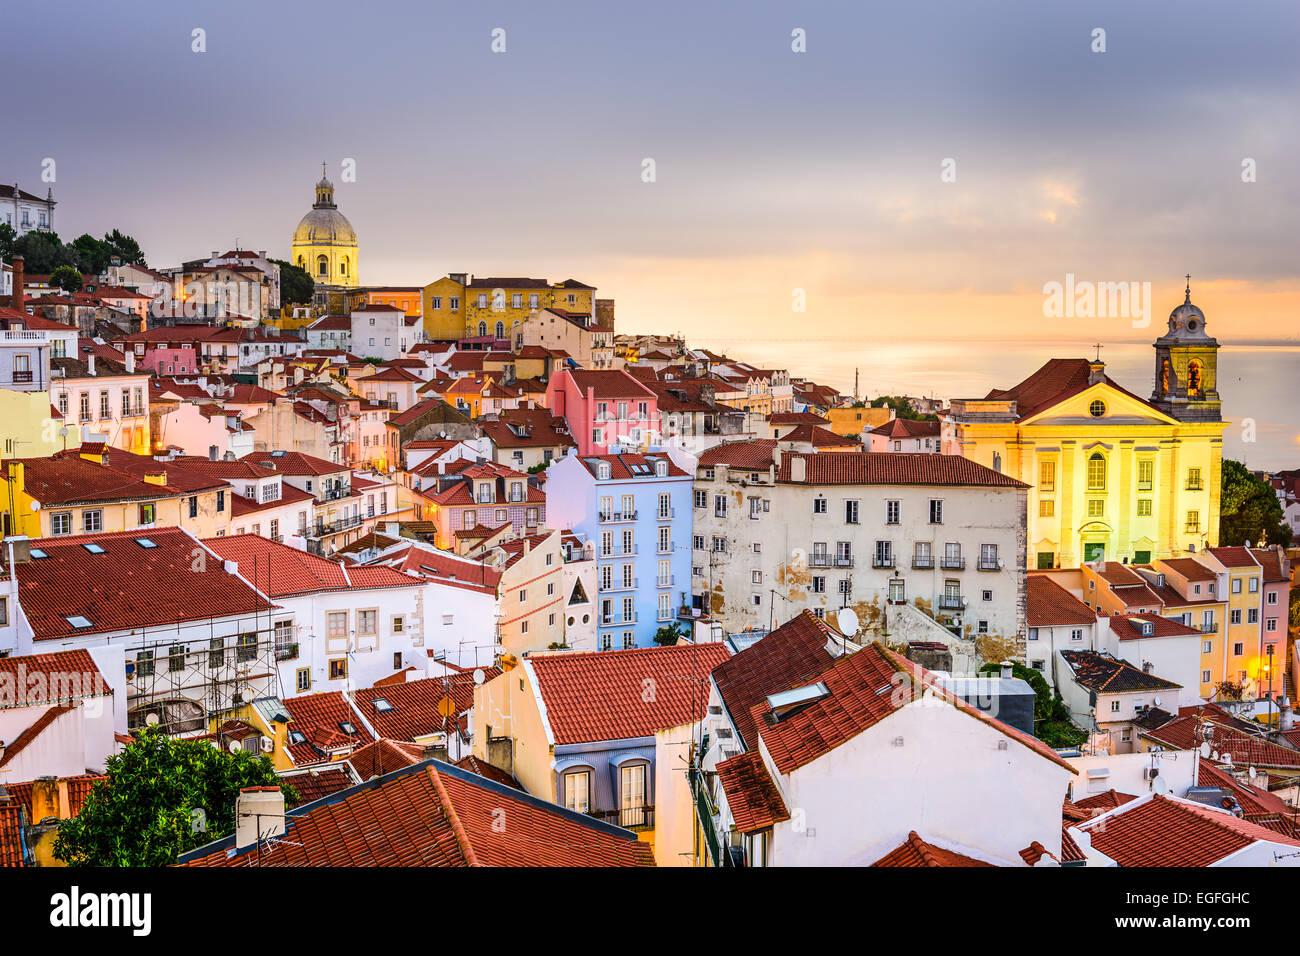 Lisboa, Portugal paisaje urbano en el distrito de Alfama al amanecer. Imagen De Stock